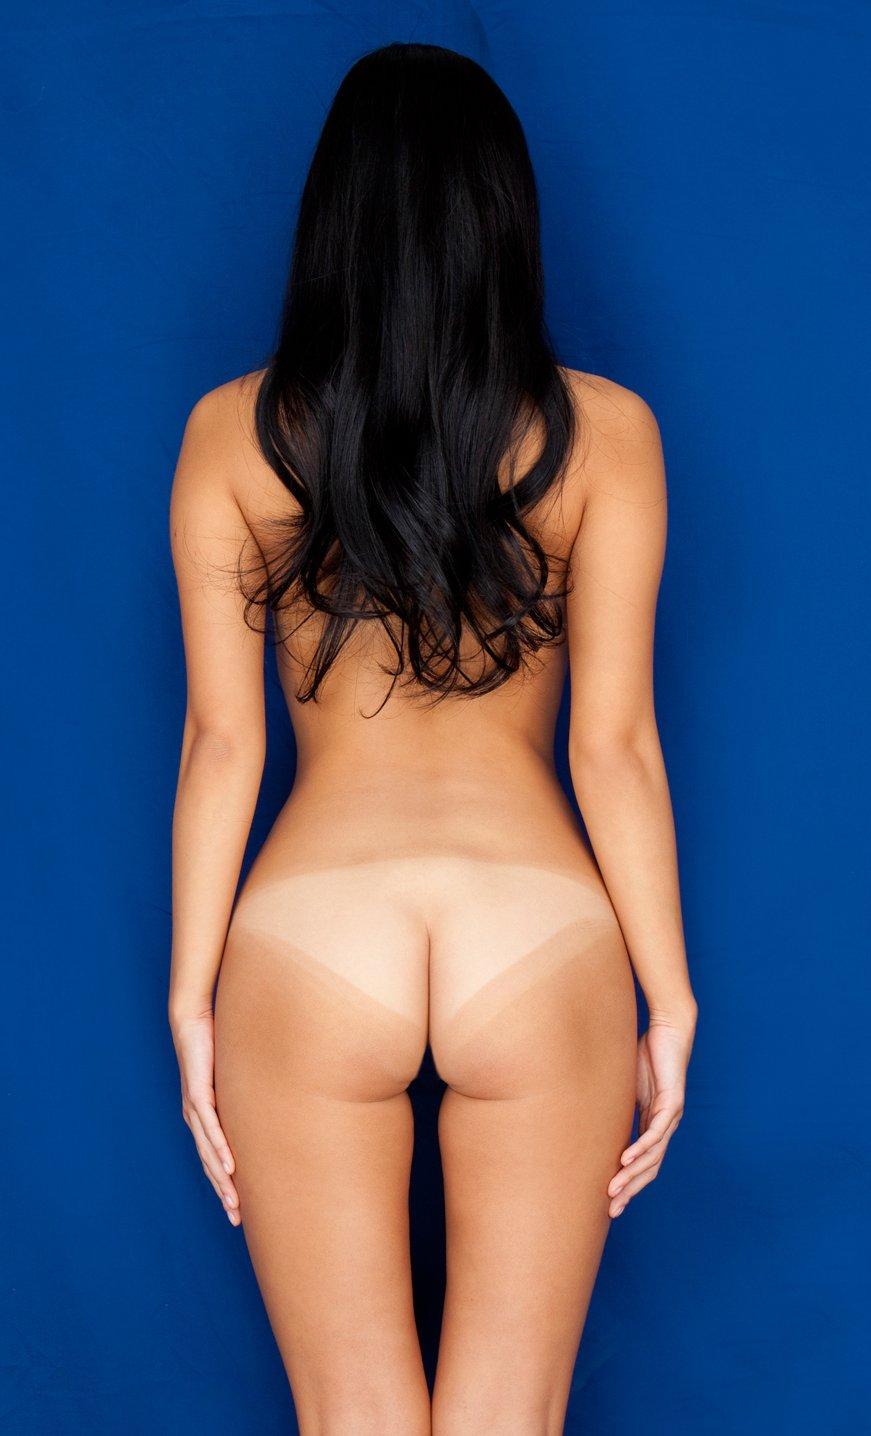 【日焼けあとエロ画像】焼けてない真っ白部分を責めまくりたい…水着の日焼けあと眩しい女体www 08